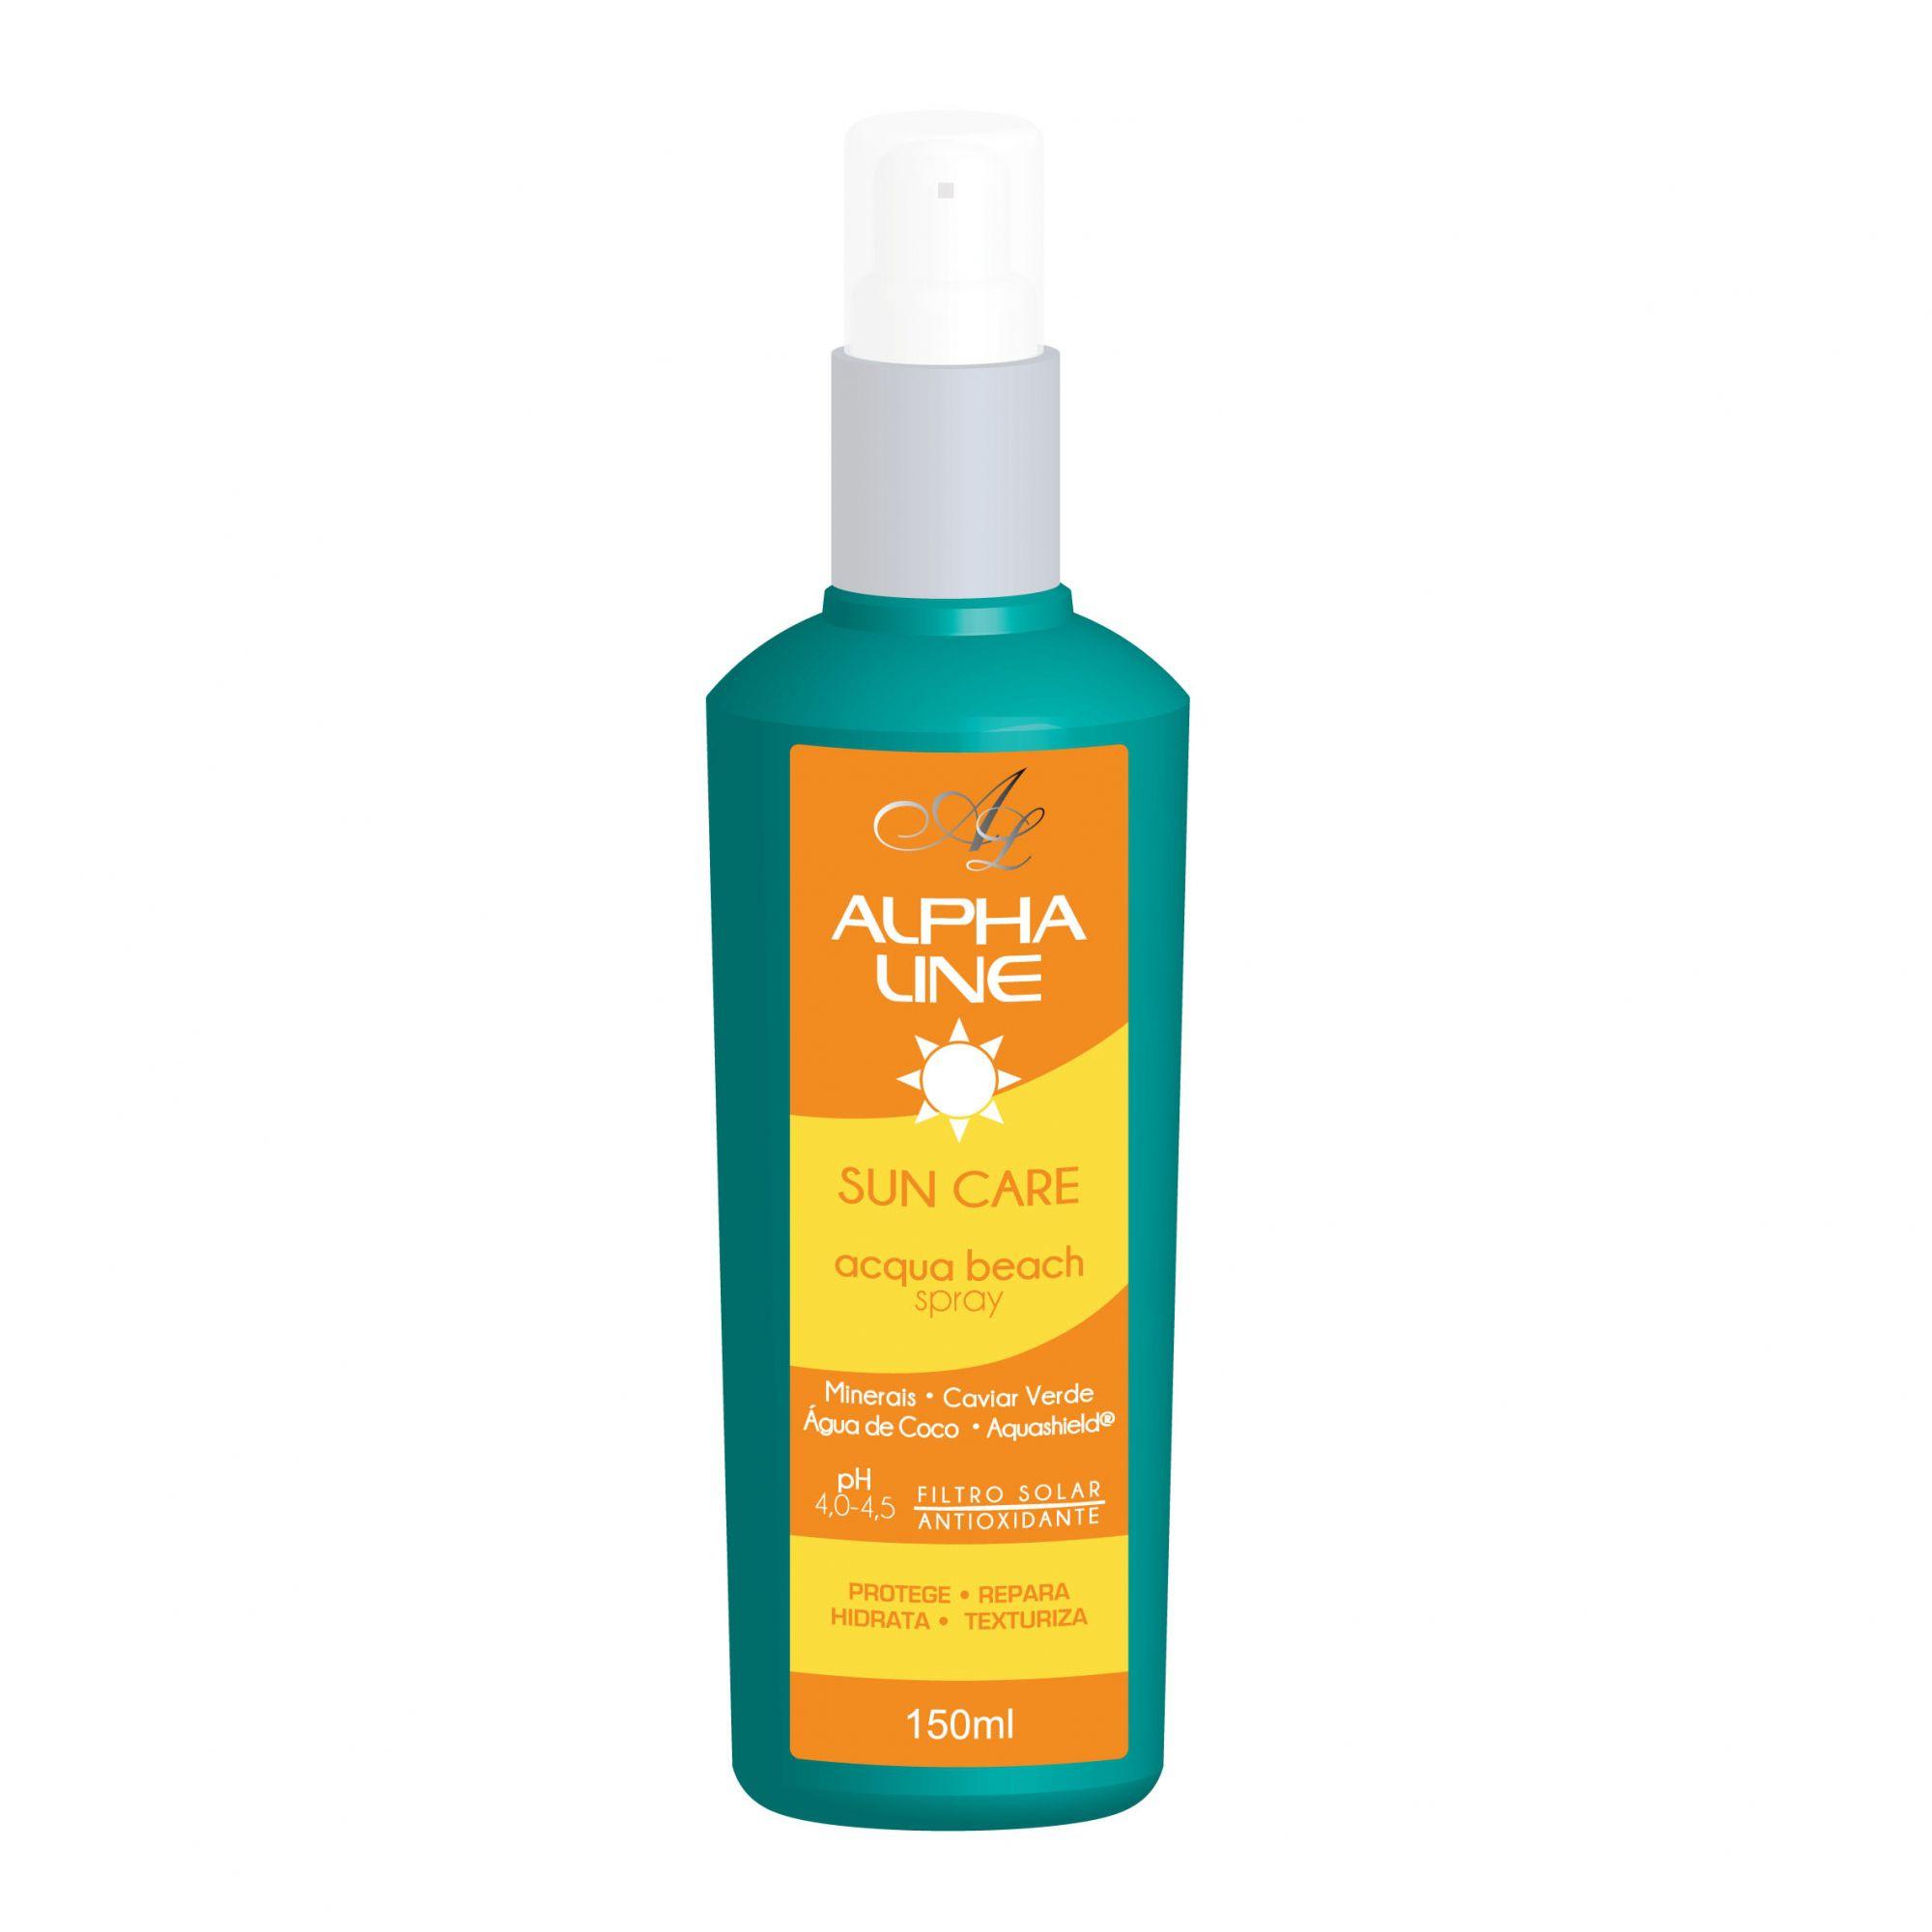 Alpha Line Spray Sun Care 150g.